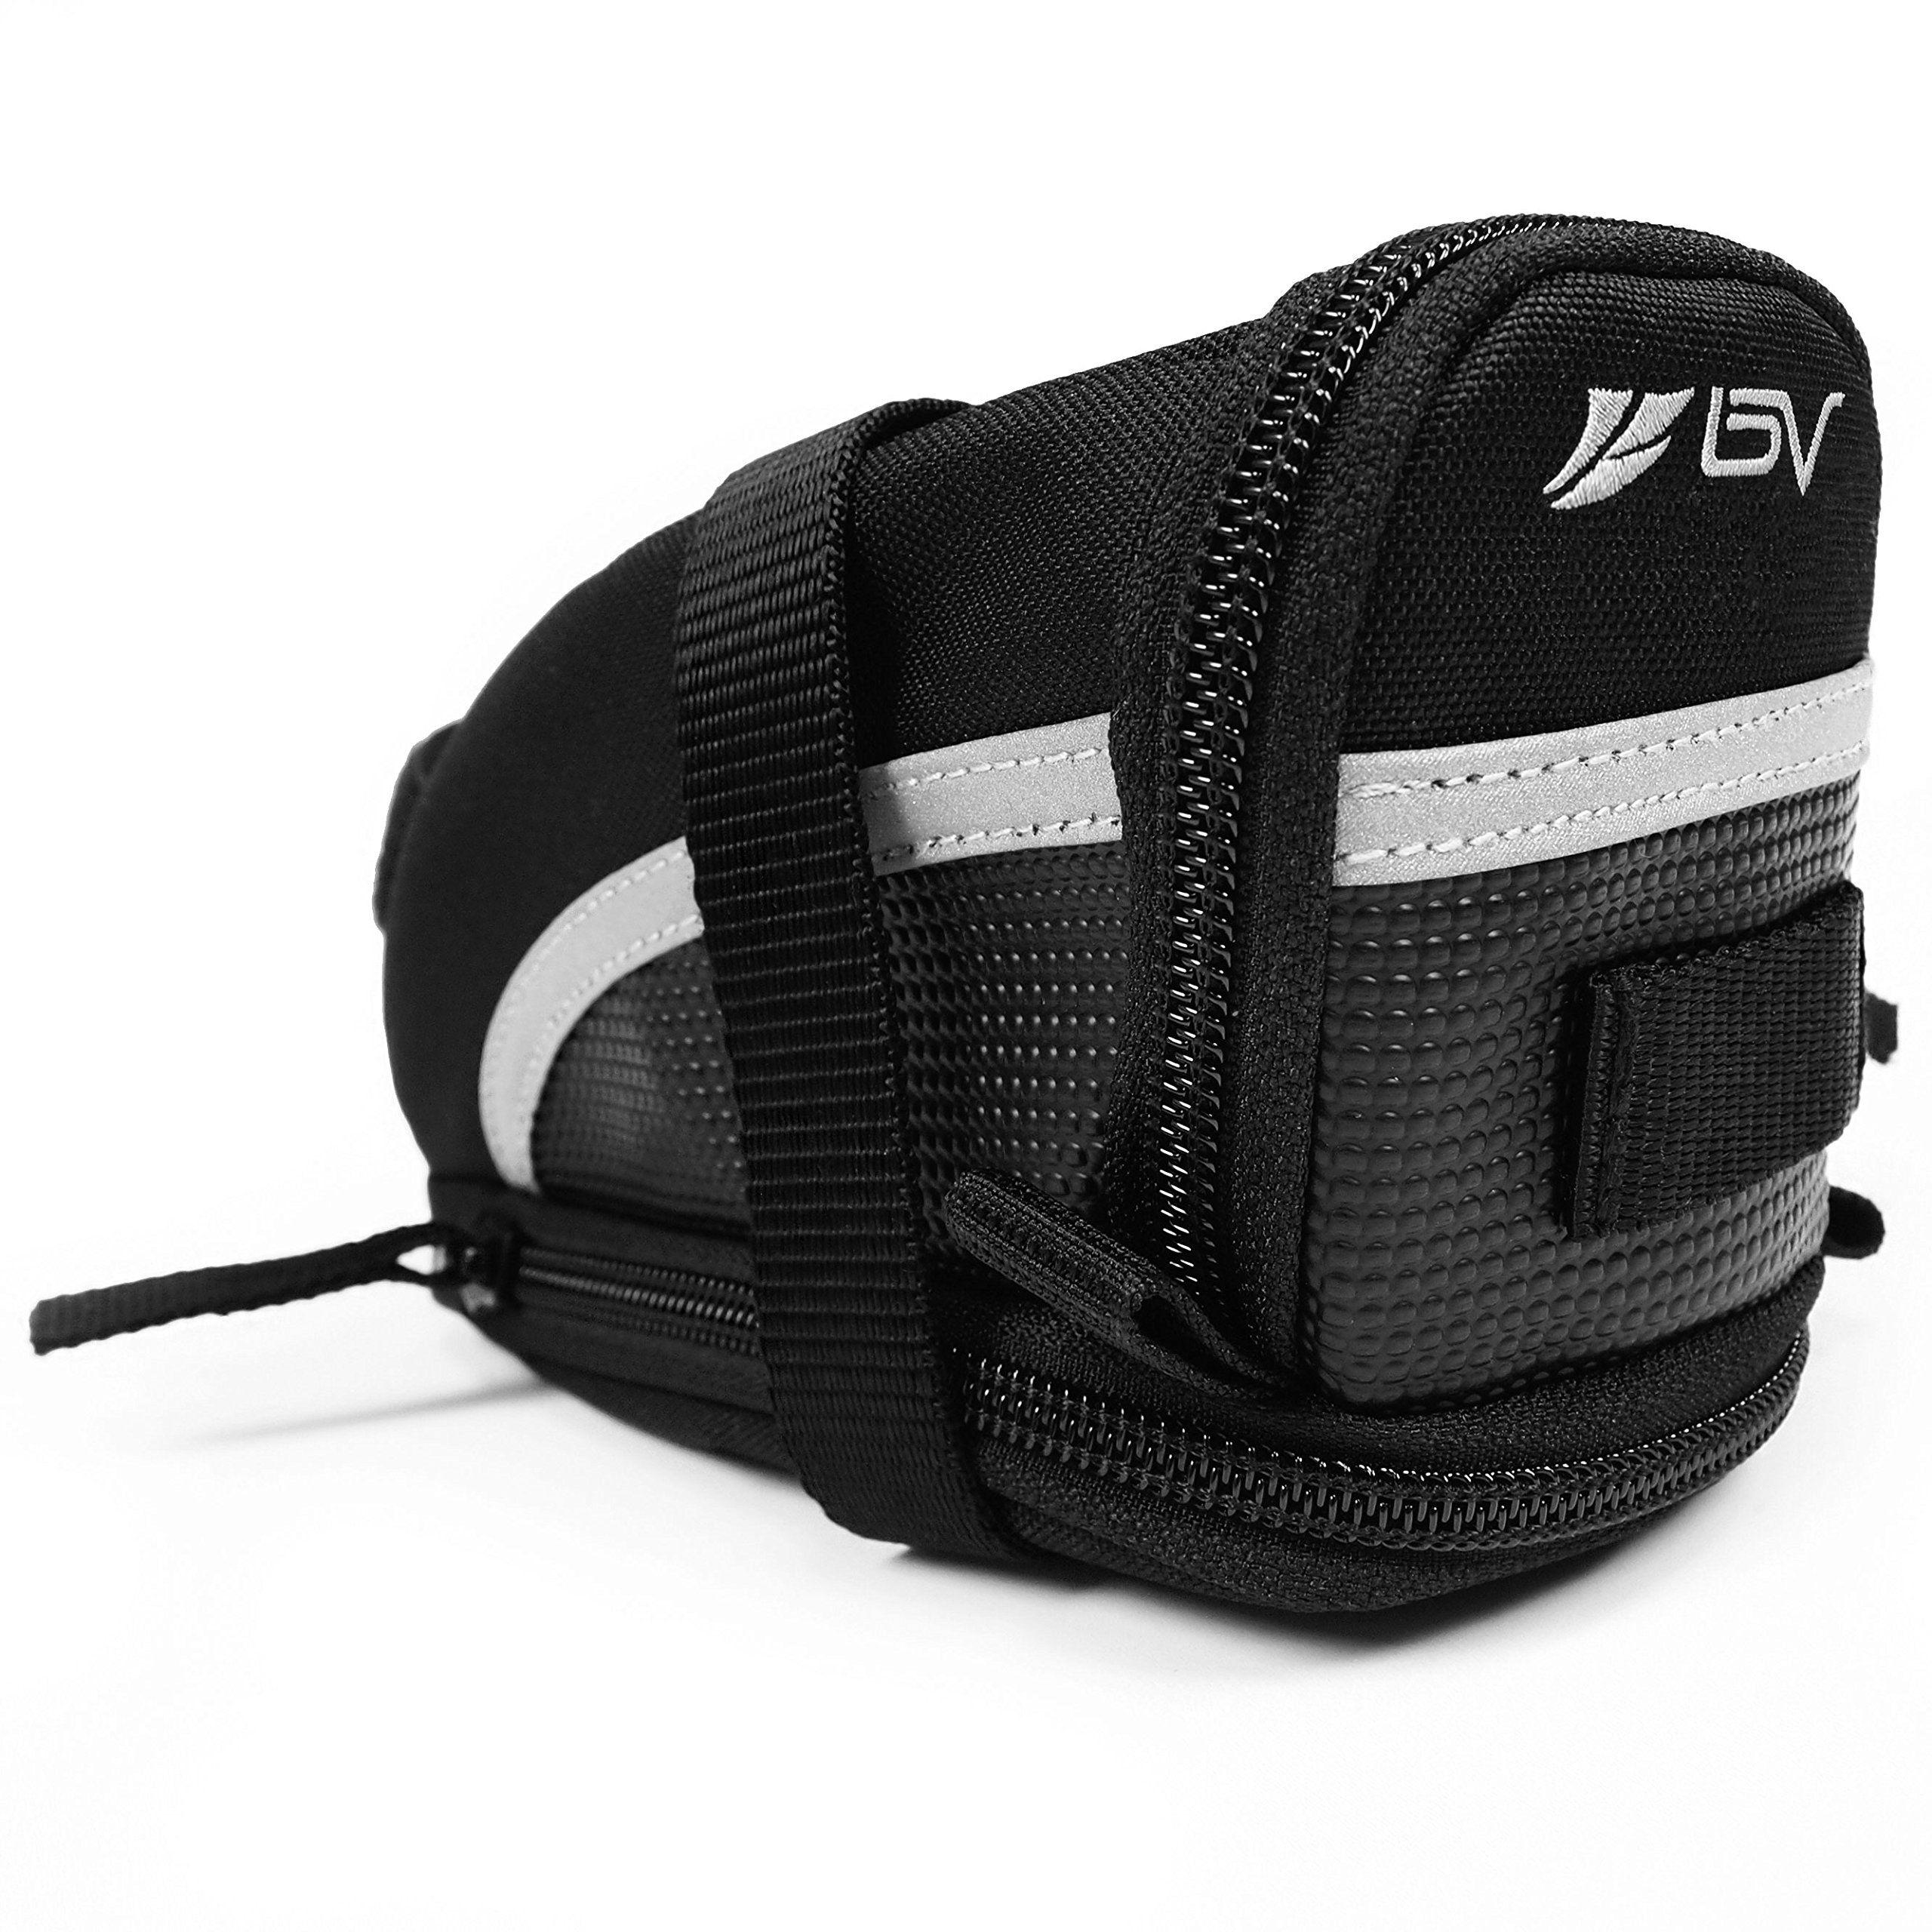 Bv Bicycle Strap On Saddle Seat Bag Medium Black Bike Saddle